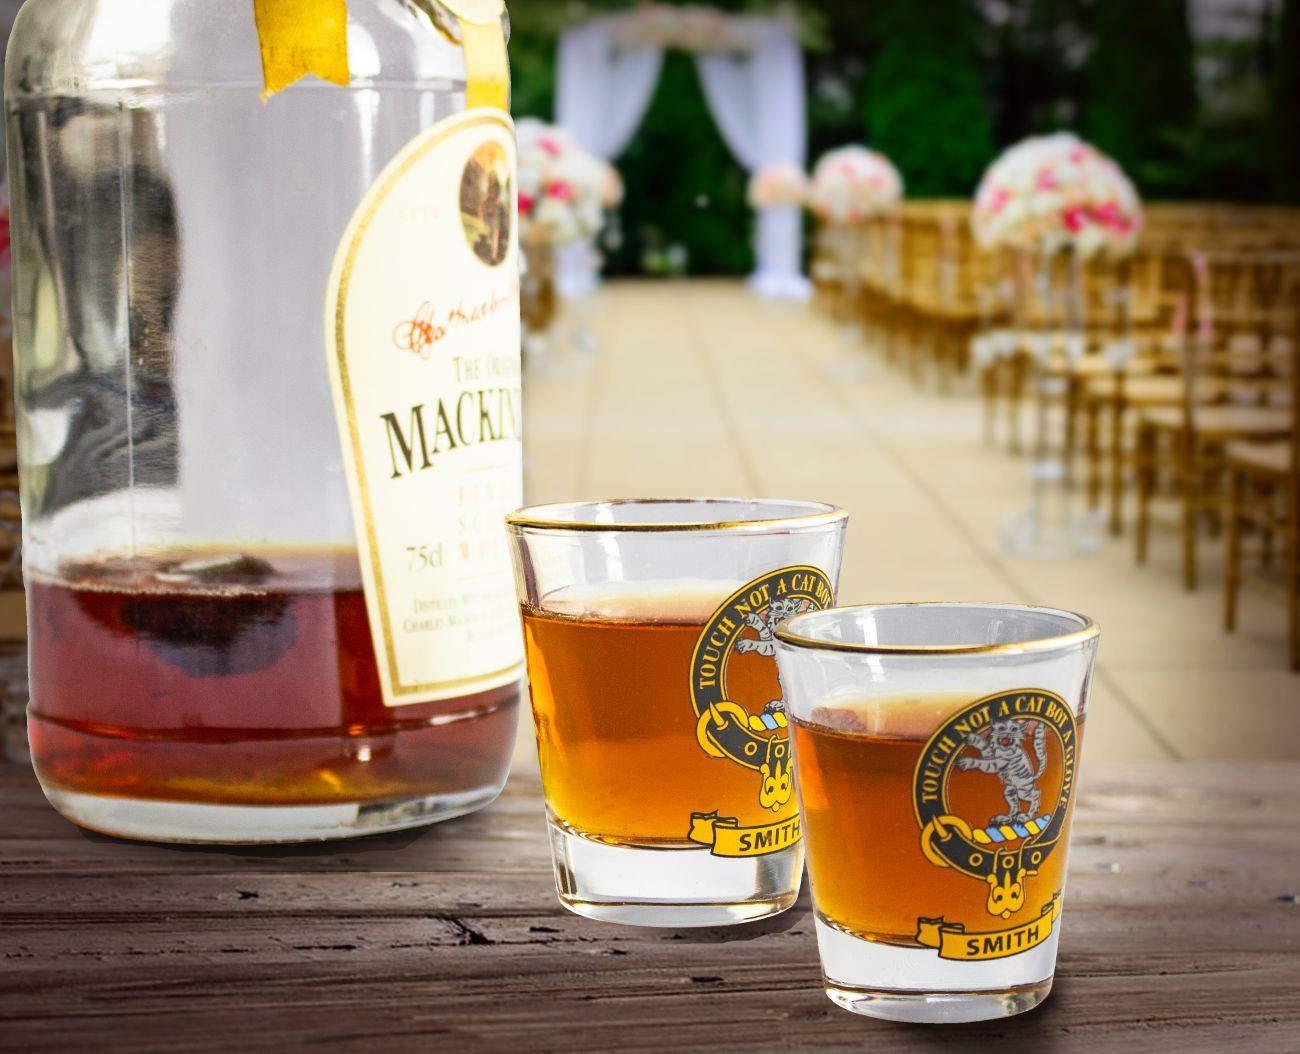 I Luv Ltd Verre /À Shot Wee Dram Hay Clan Gold Crest Rim Ensemble de 2 Tots Whisky